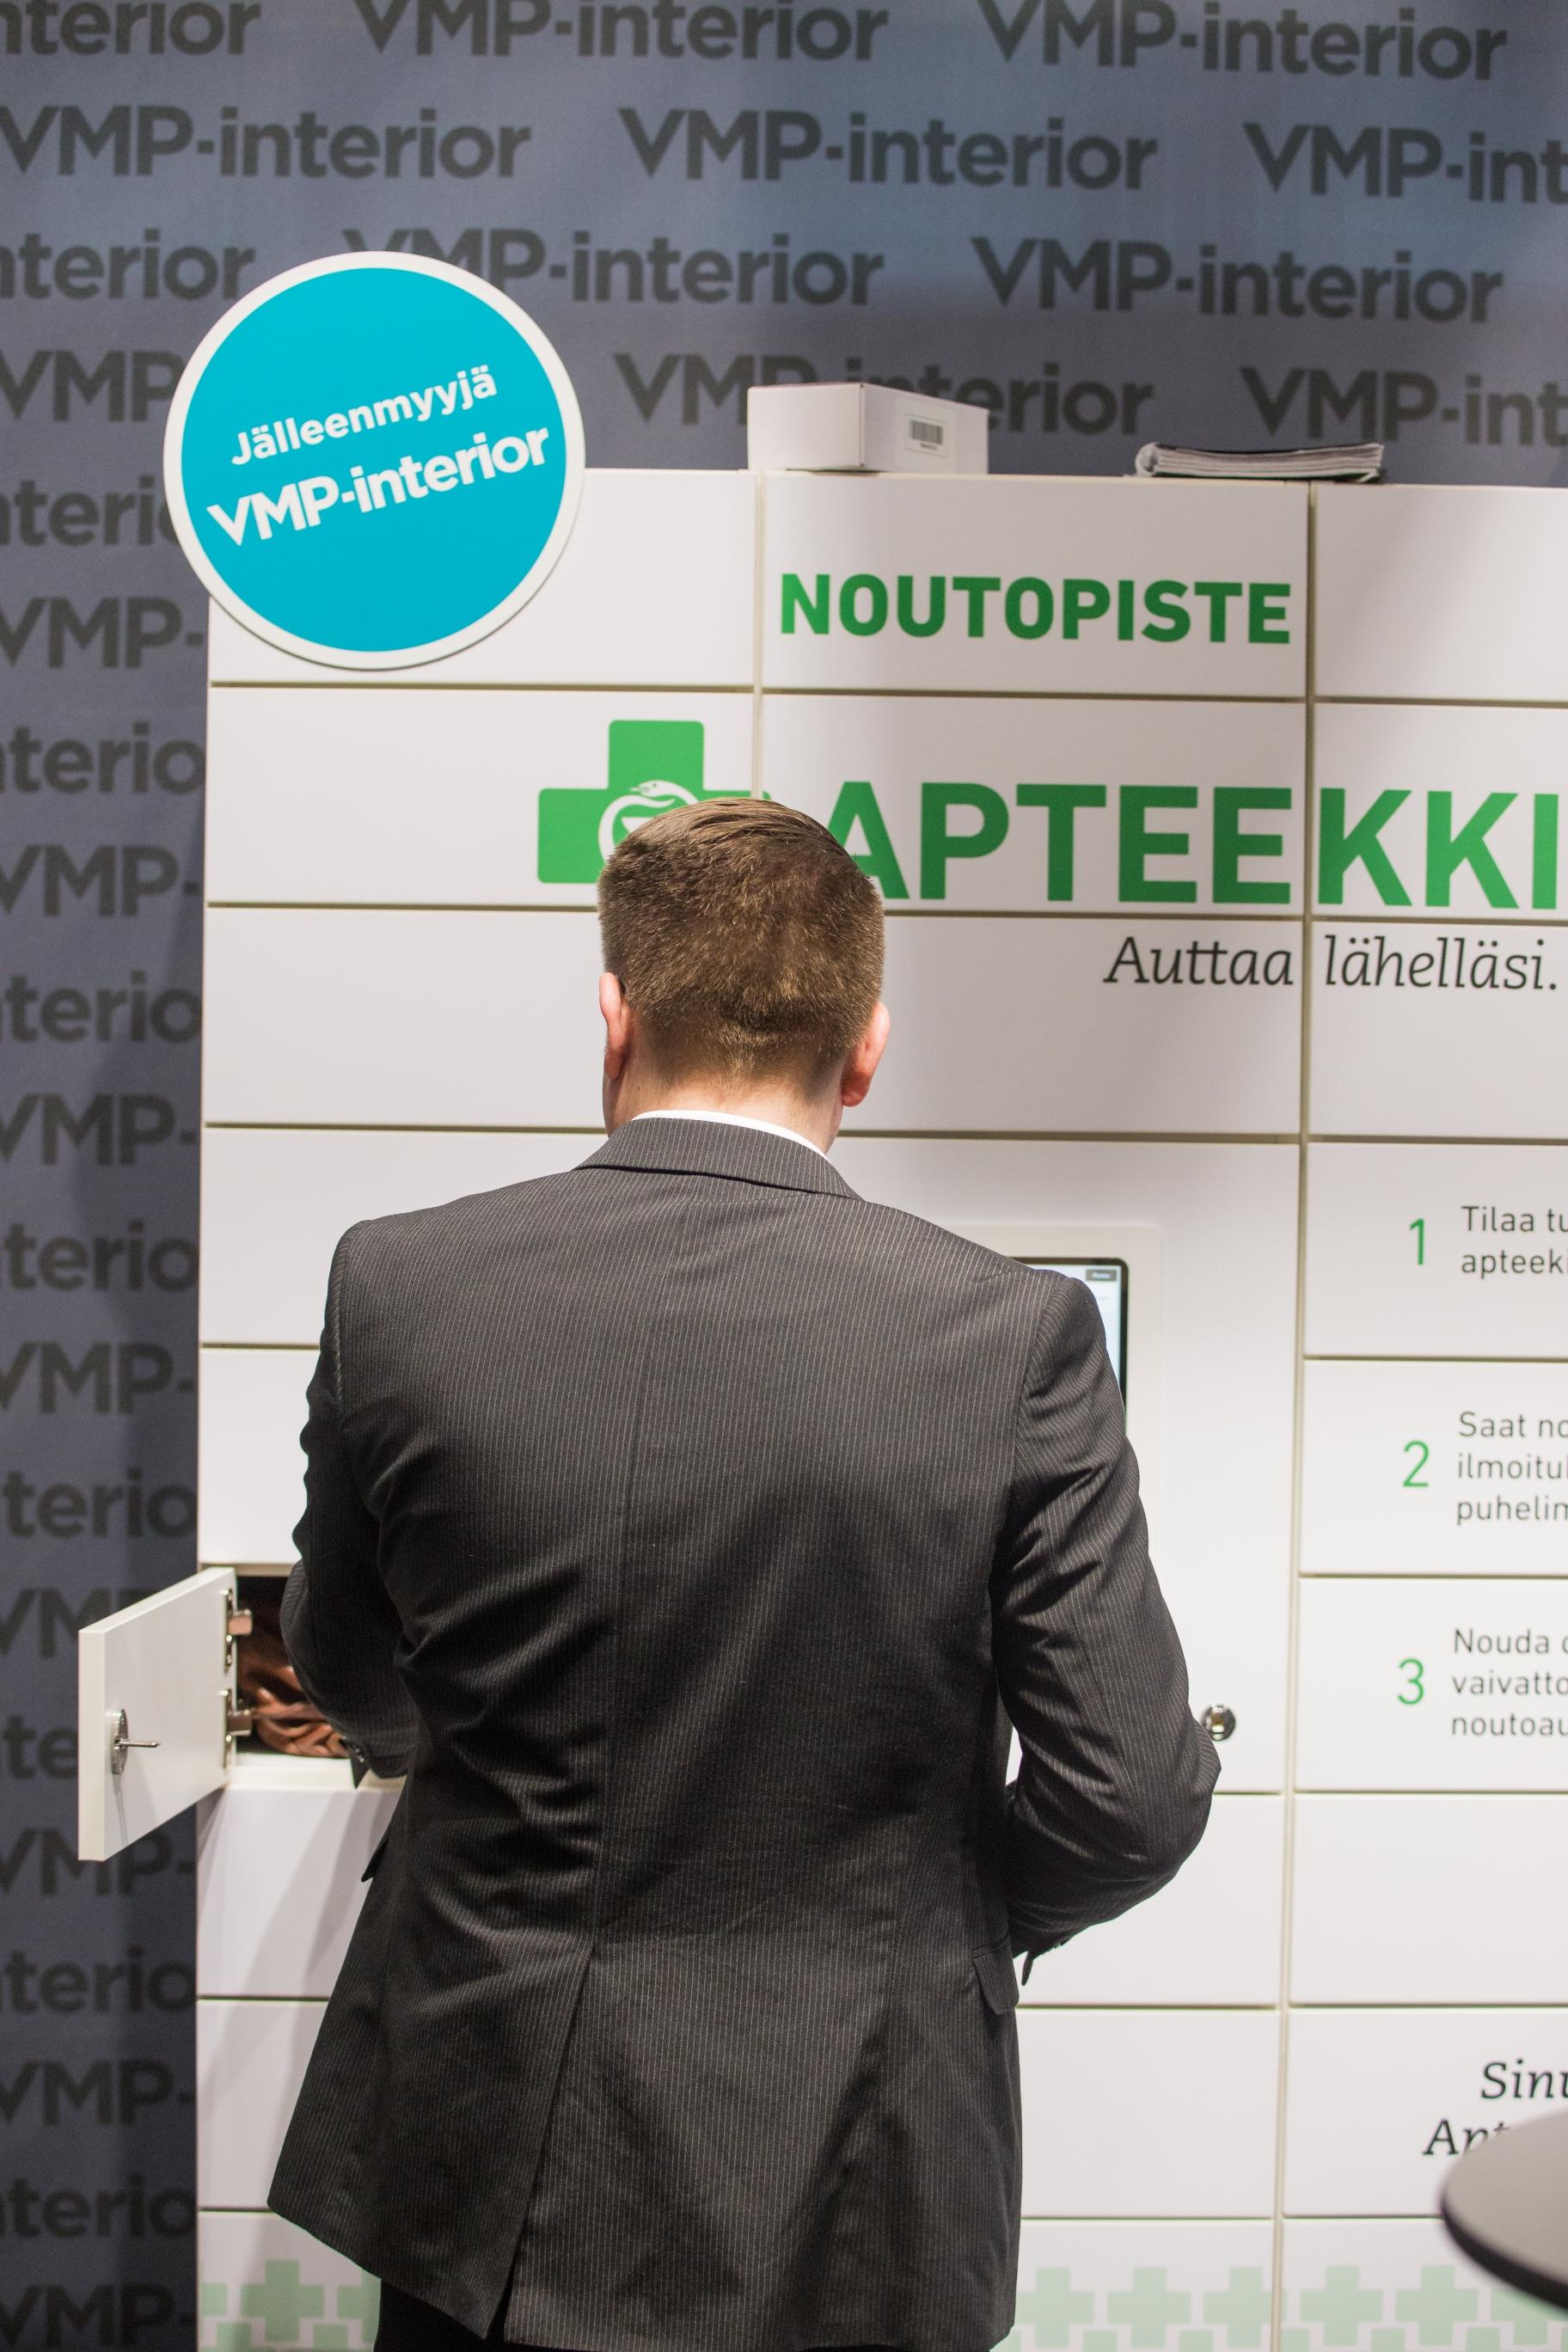 vmp-interior_noutolokerikko_apteekkaripaivilla.jpg